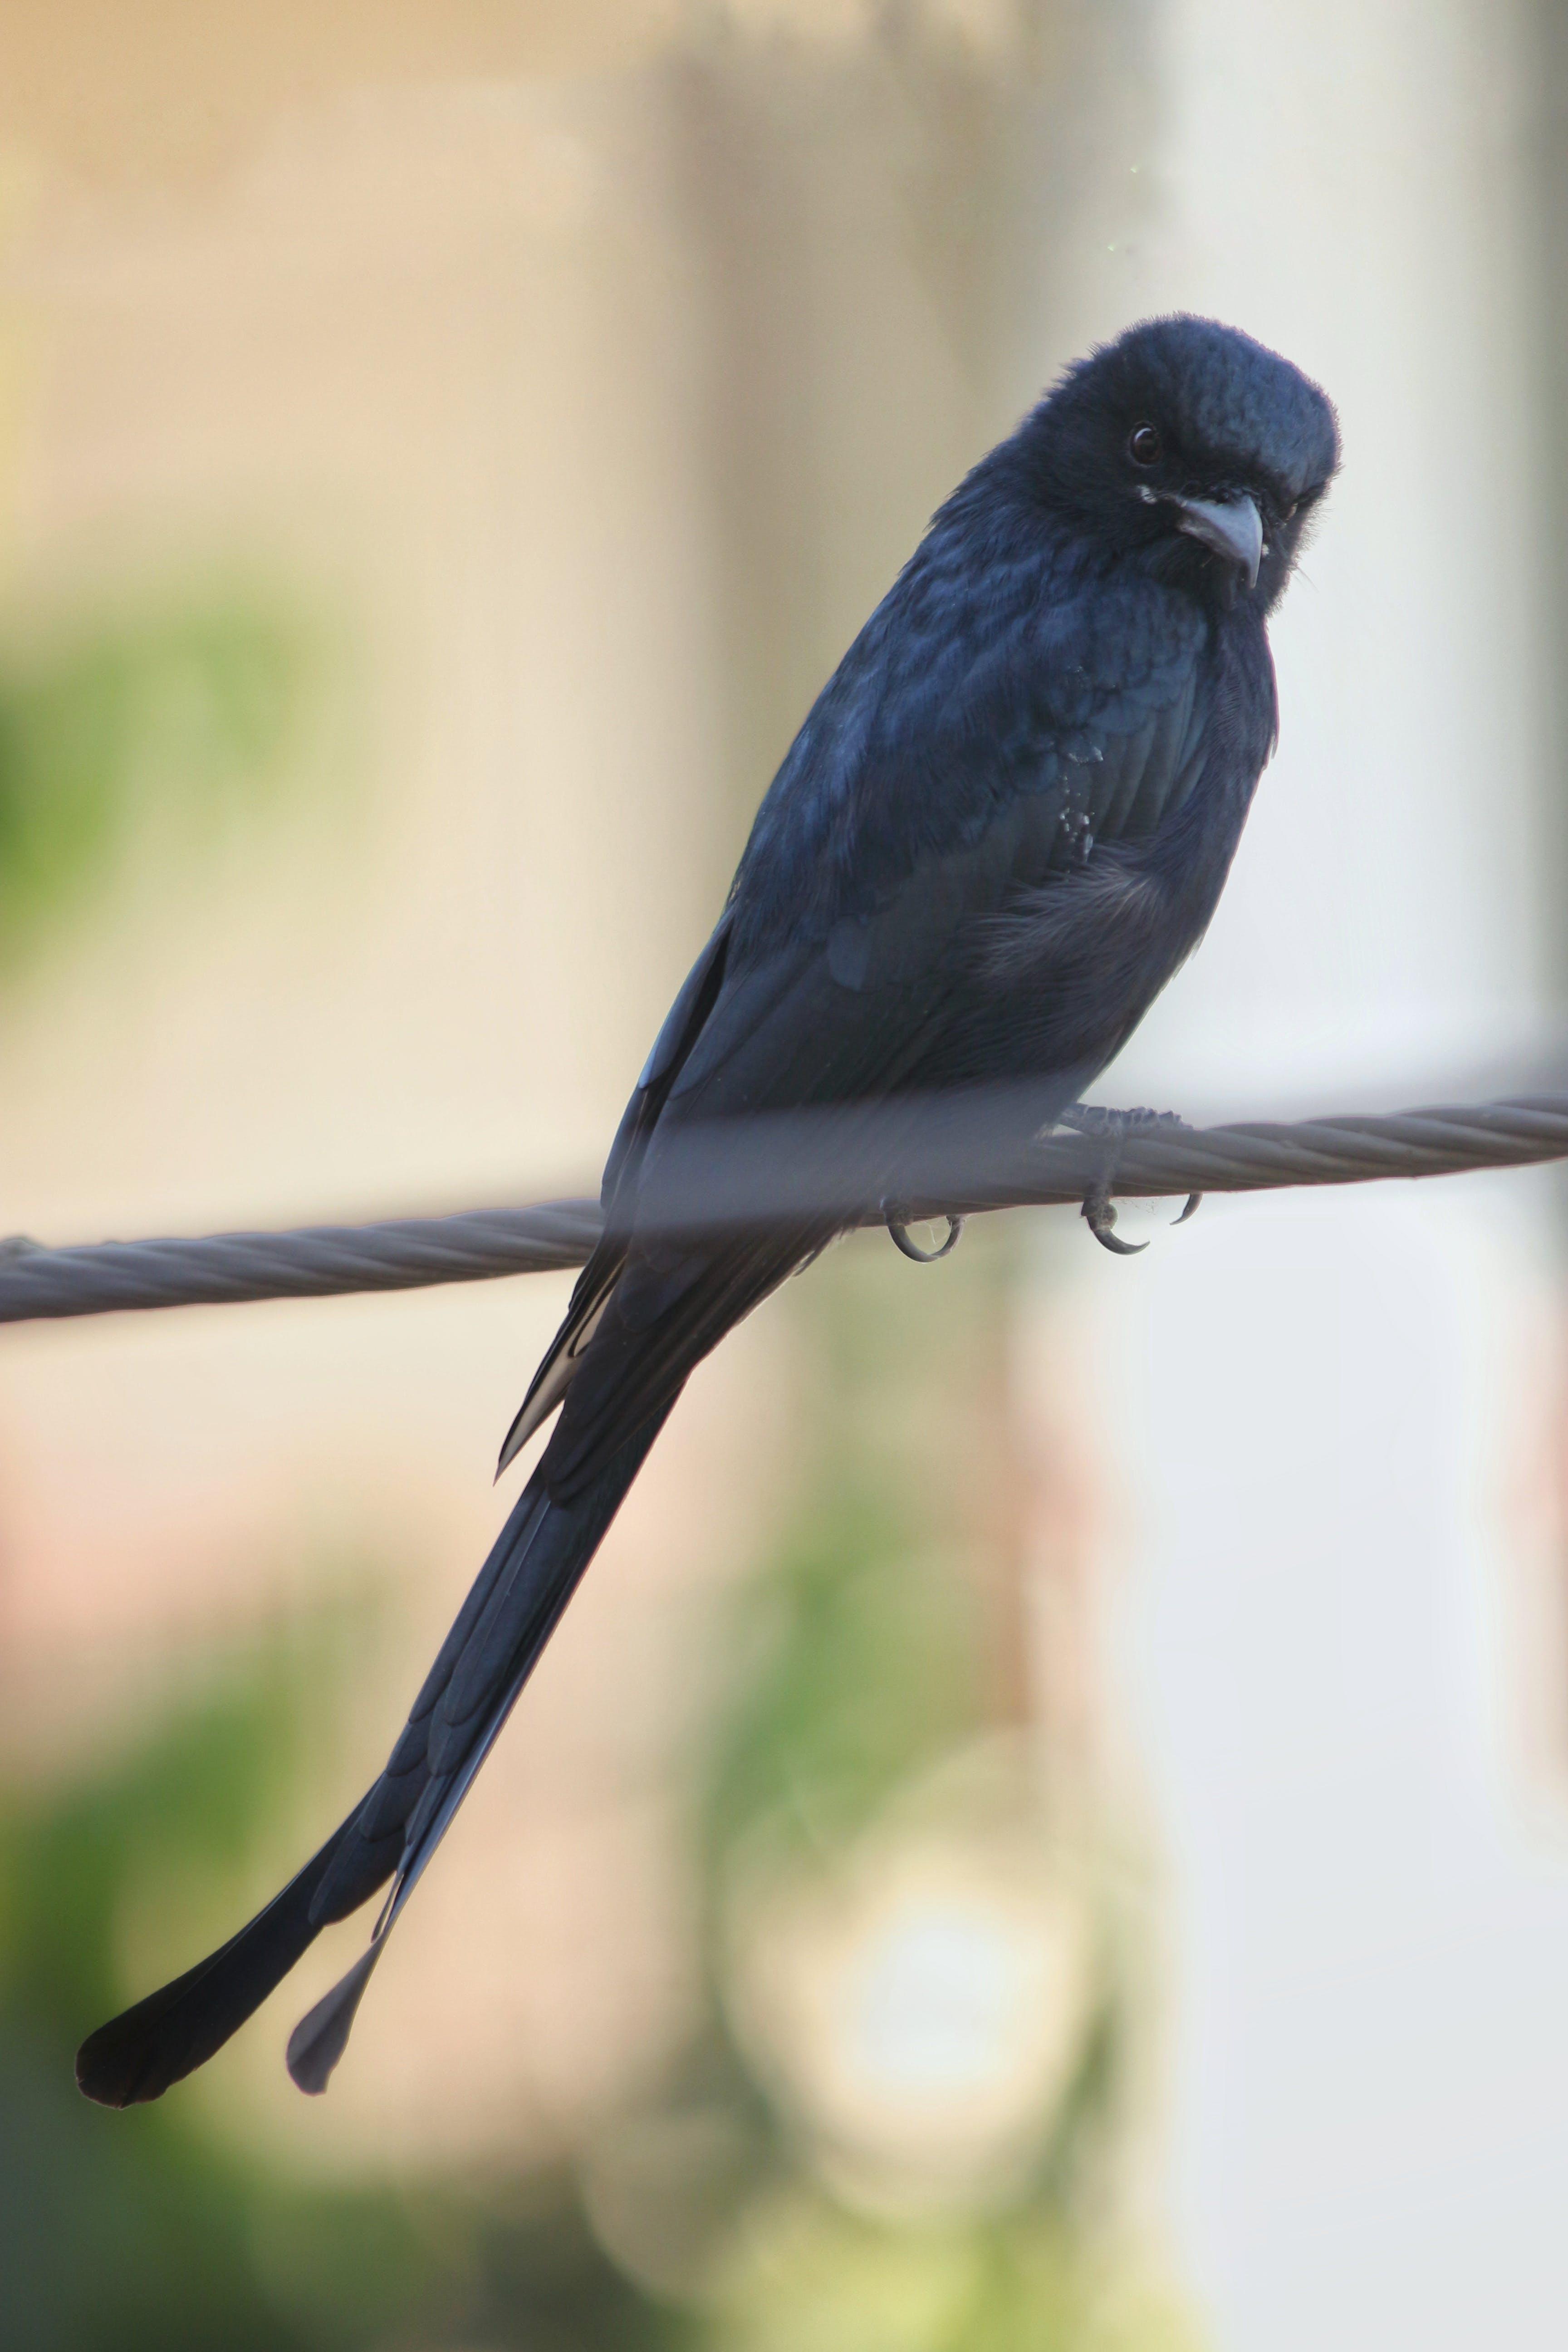 Foto d'estoc gratuïta de #angrybirds #birds #bird #angry #canon #photograph, #birds #nature #bird #photography #birdsofinstagra